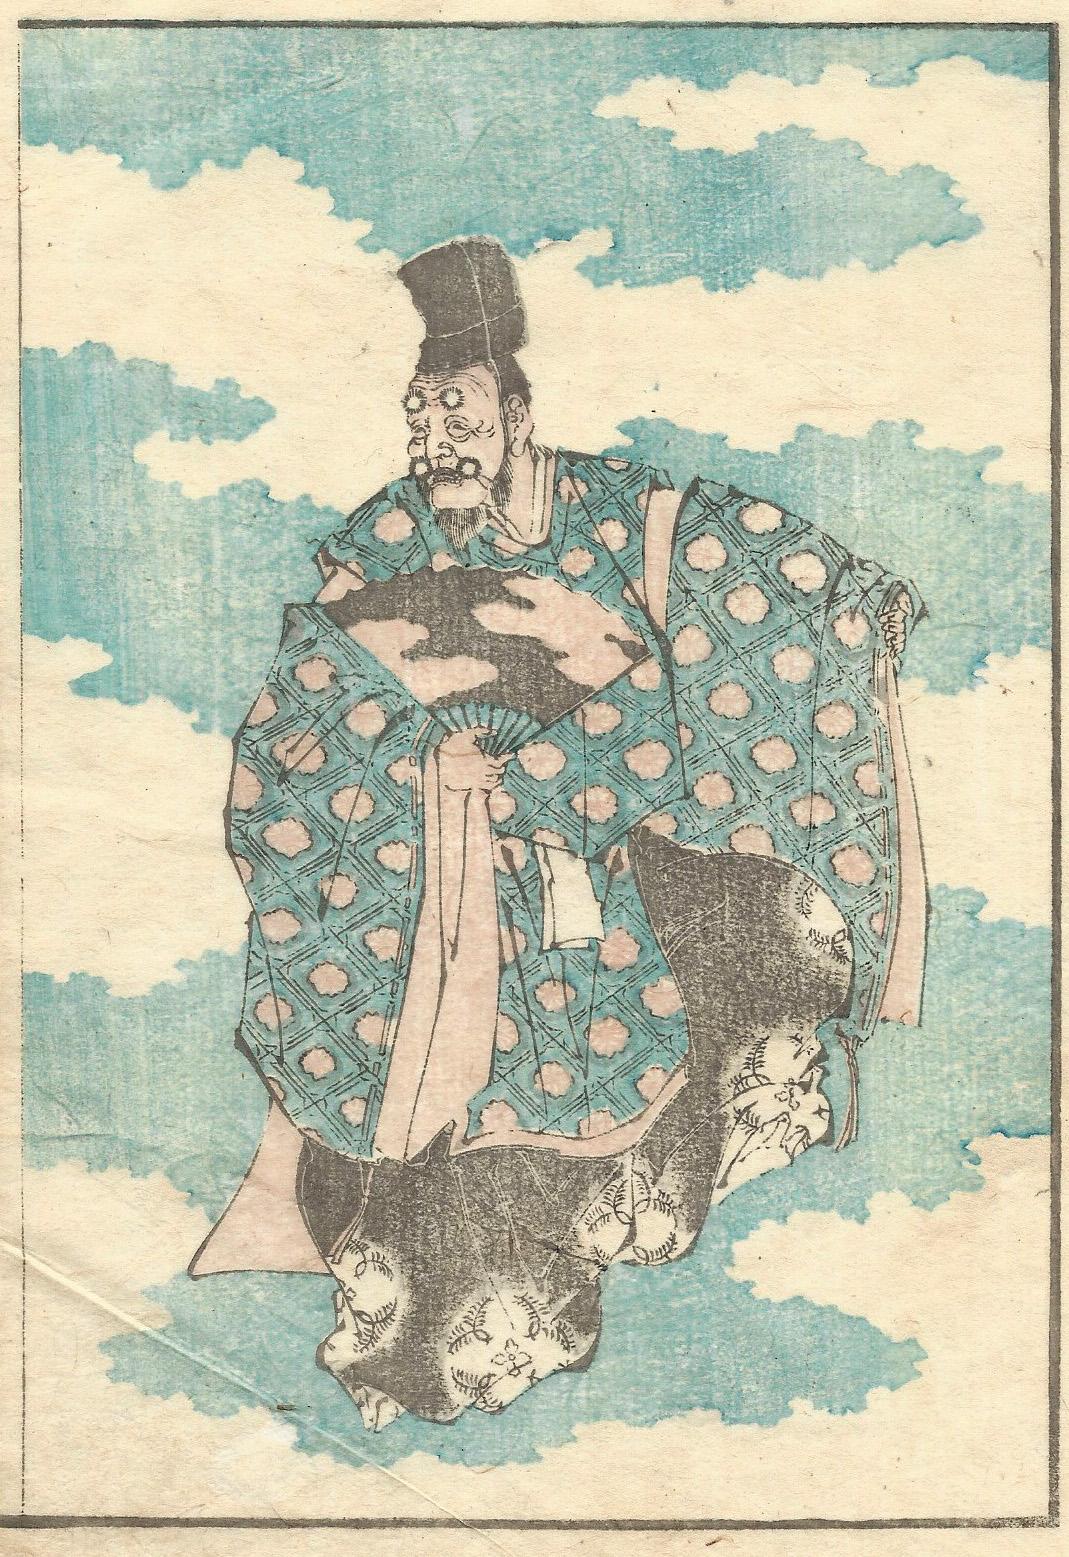 Katsushika HOKUSAI (Giappone, 1760 – 1849) – ATTORE DEL TEATRO NOH NEL DRAMMA OKINA